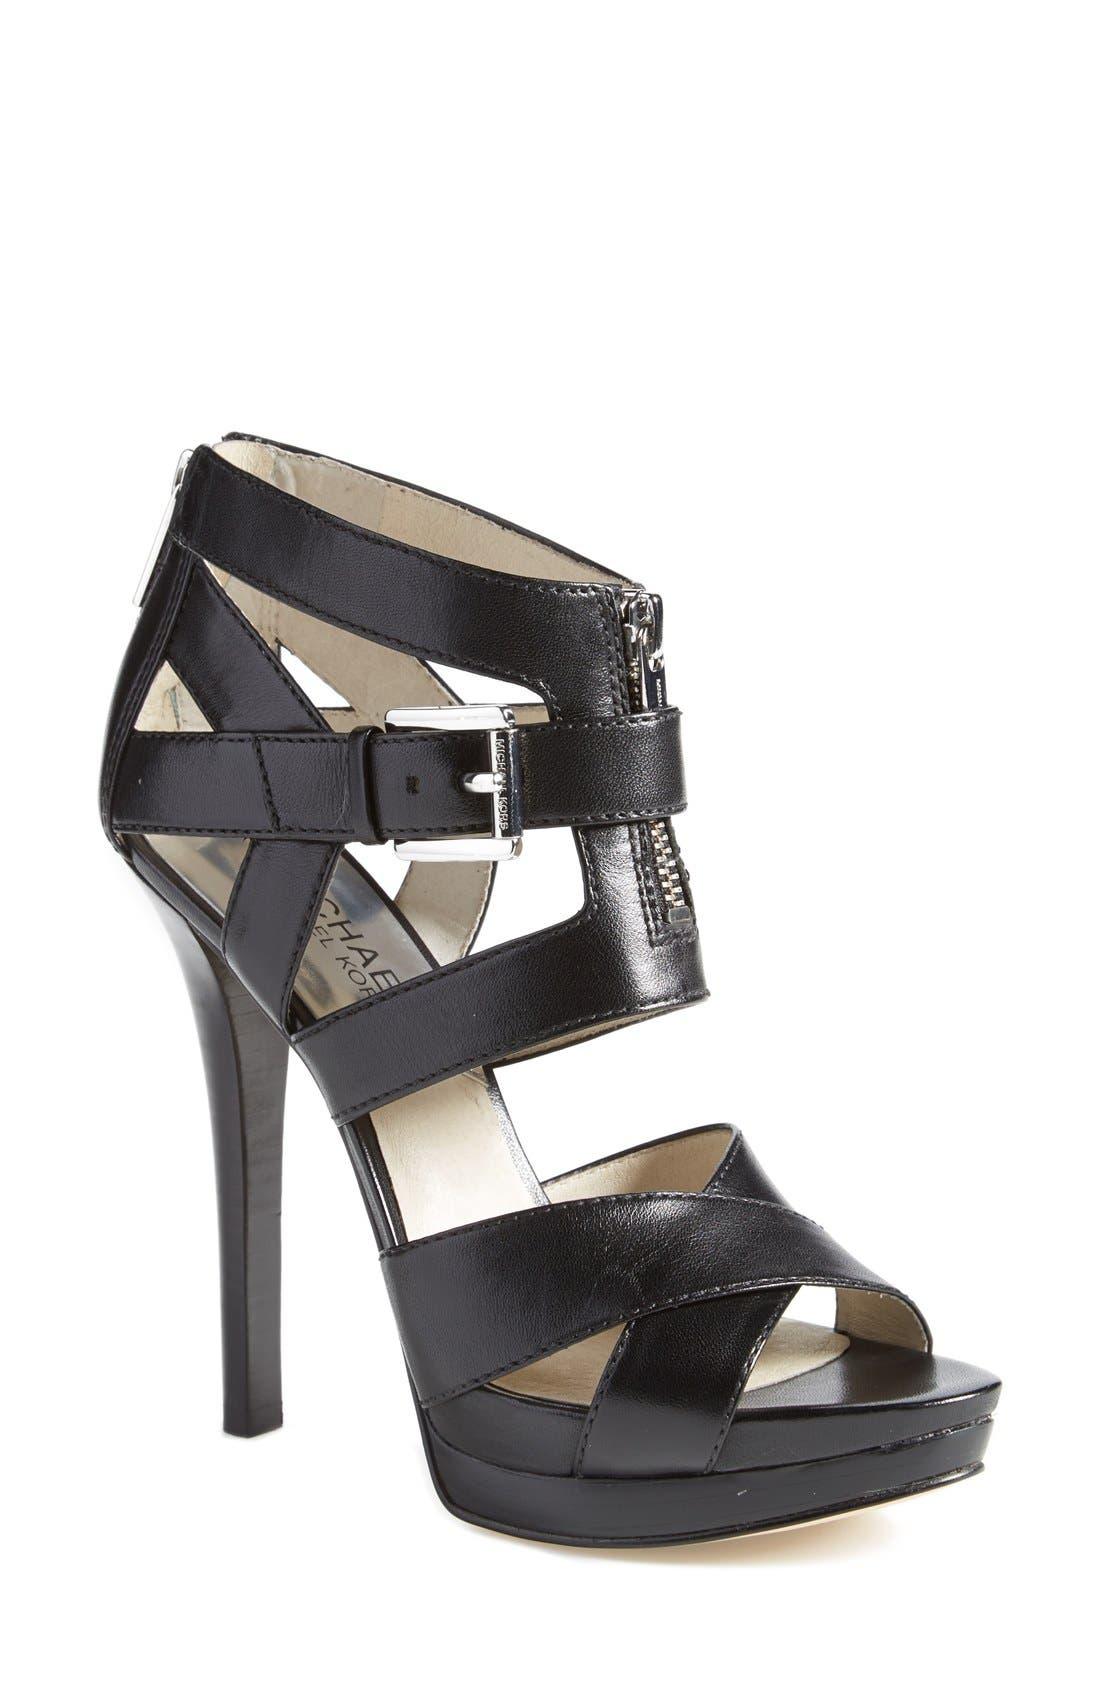 Alternate Image 1 Selected - MICHAEL Michael Kors 'Anya' Platform Sandal (Women)